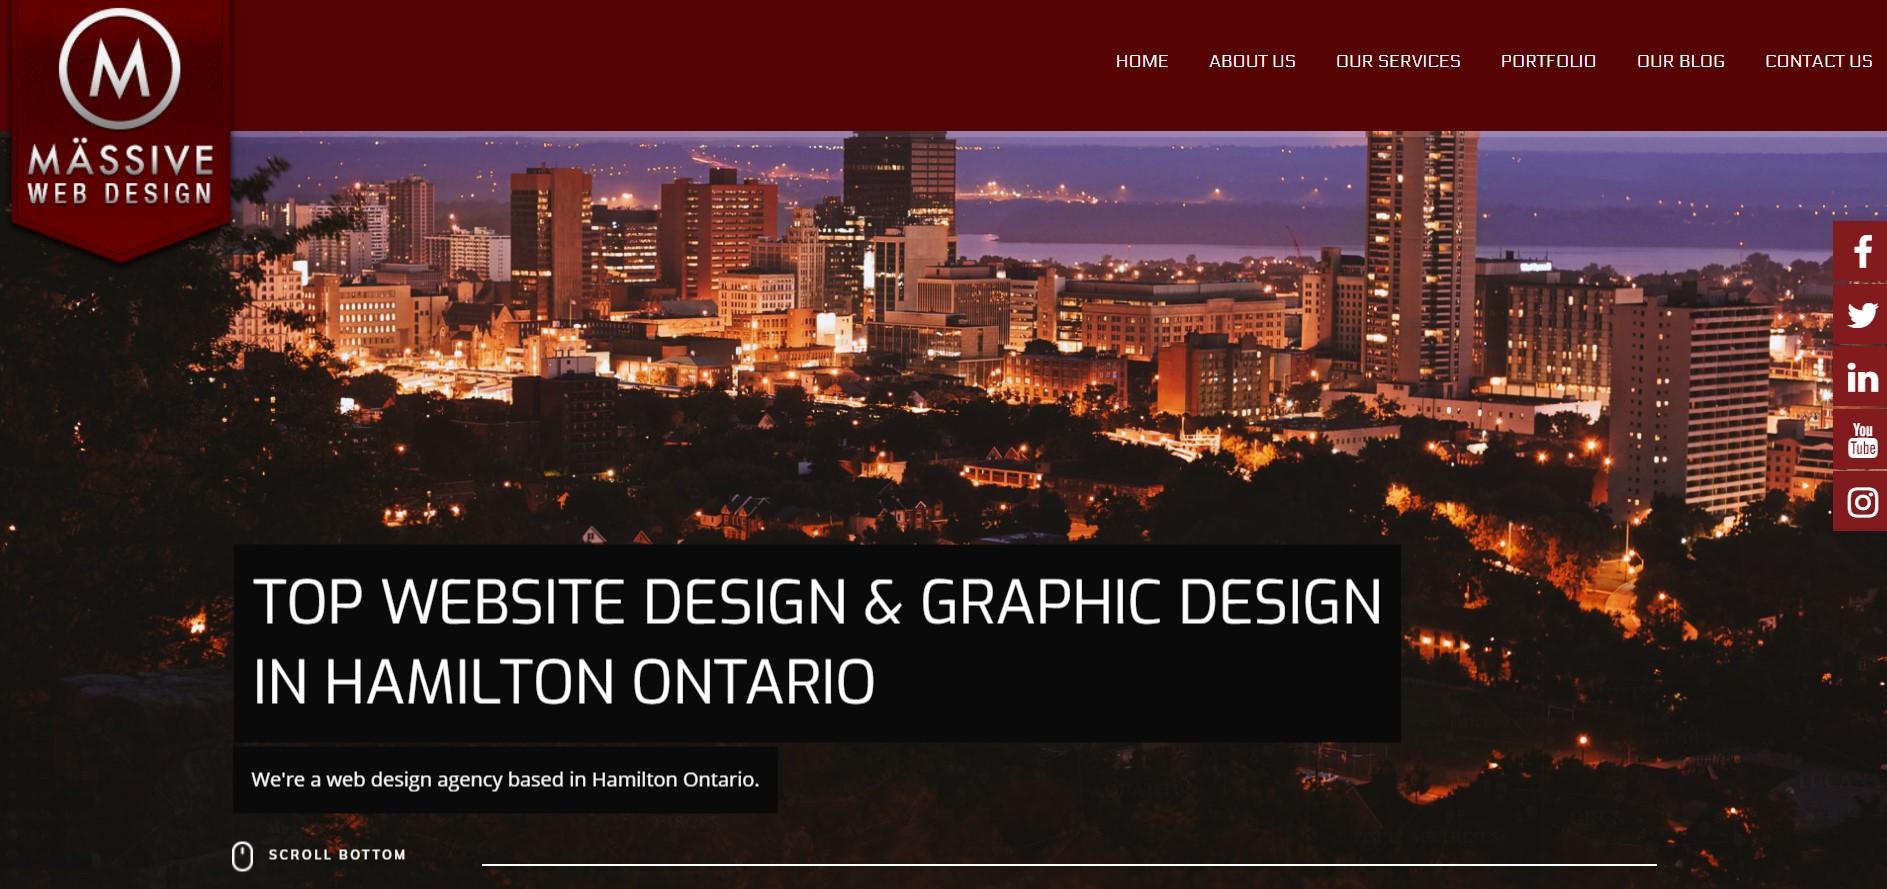 massive web design web developer in hamilton